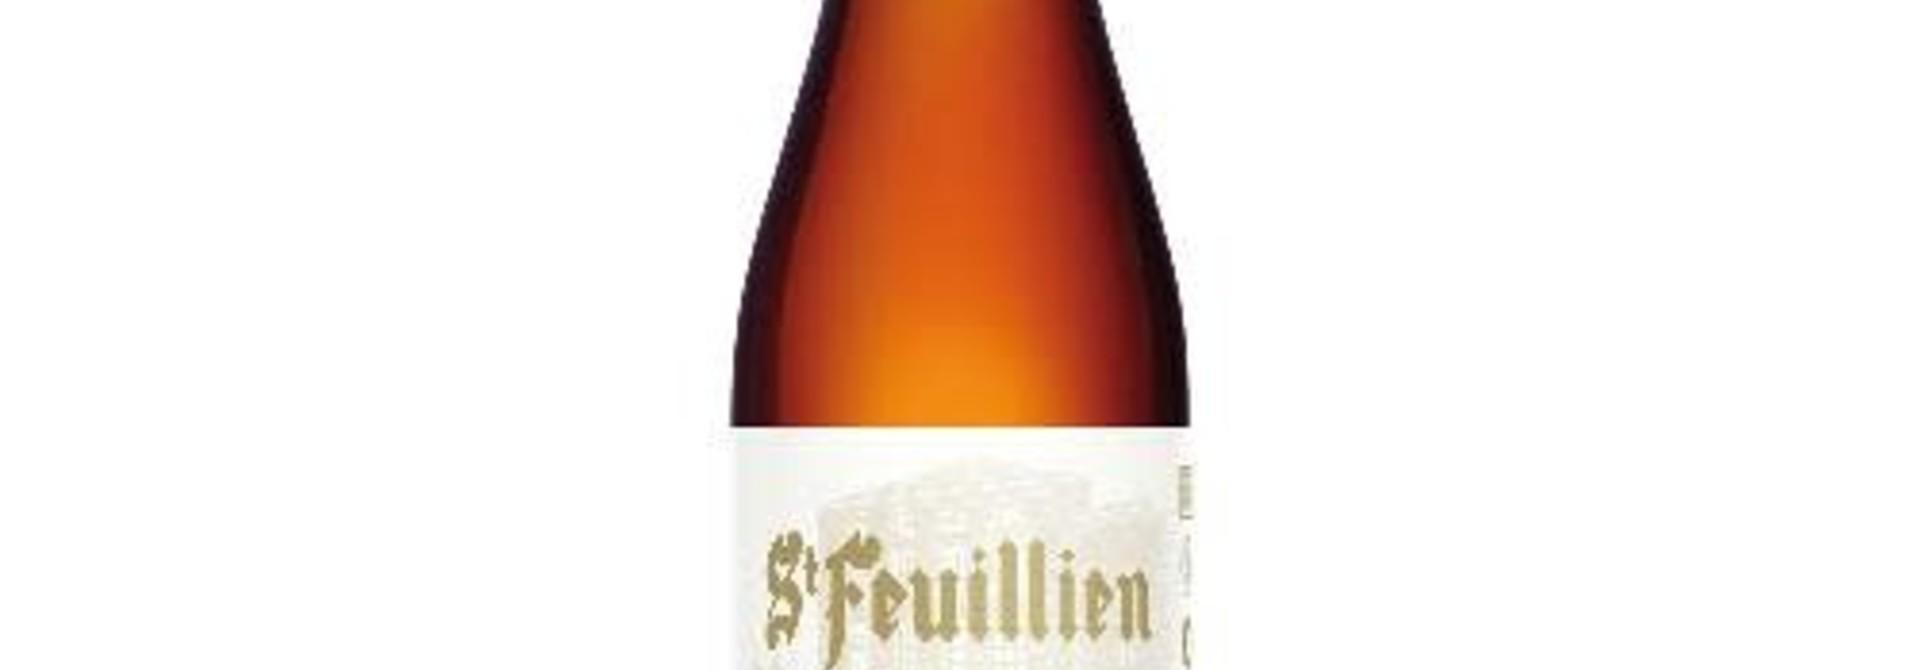 ST. FEUILLIEN GRAND CRU 33CL